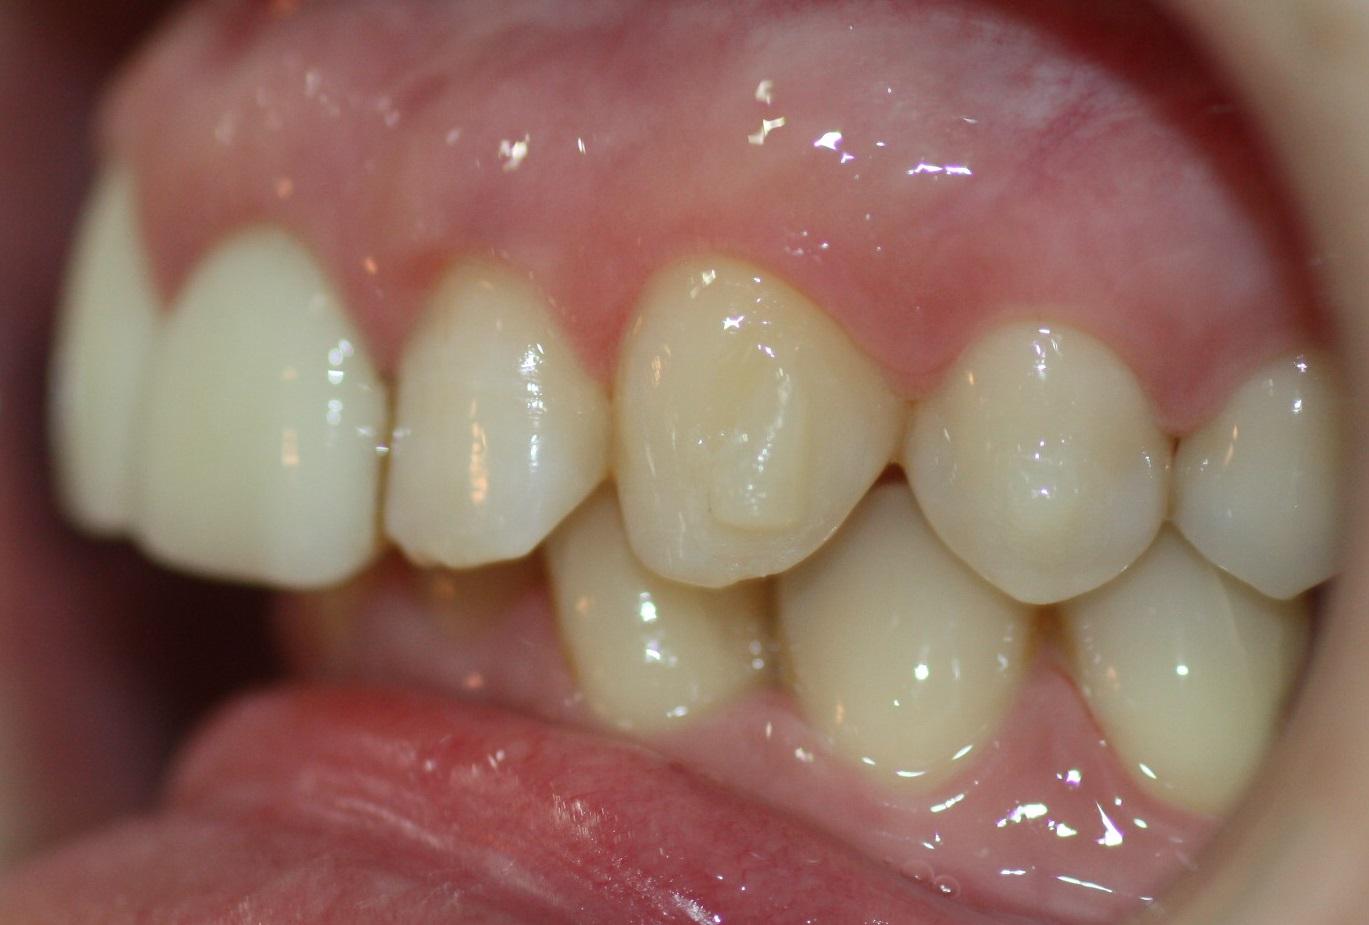 Los botones son casi imperceptibles, ya que el color se asemeja al del diente